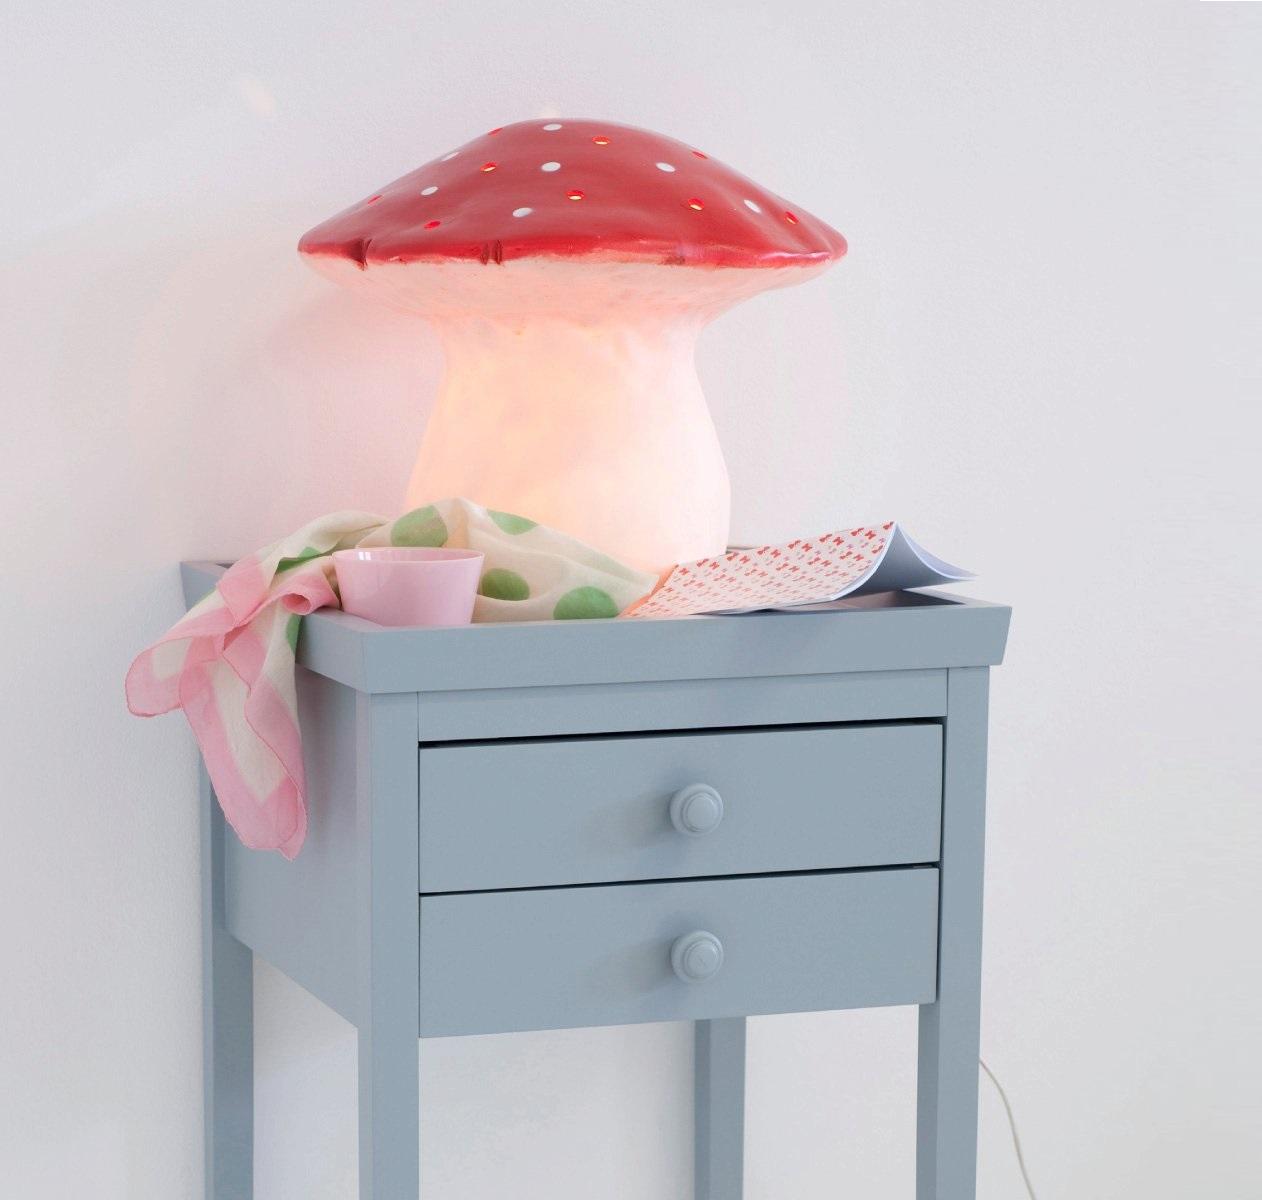 Lampe enfants veilleuse grand champignon rouge 29cm for Grand interieur rouge